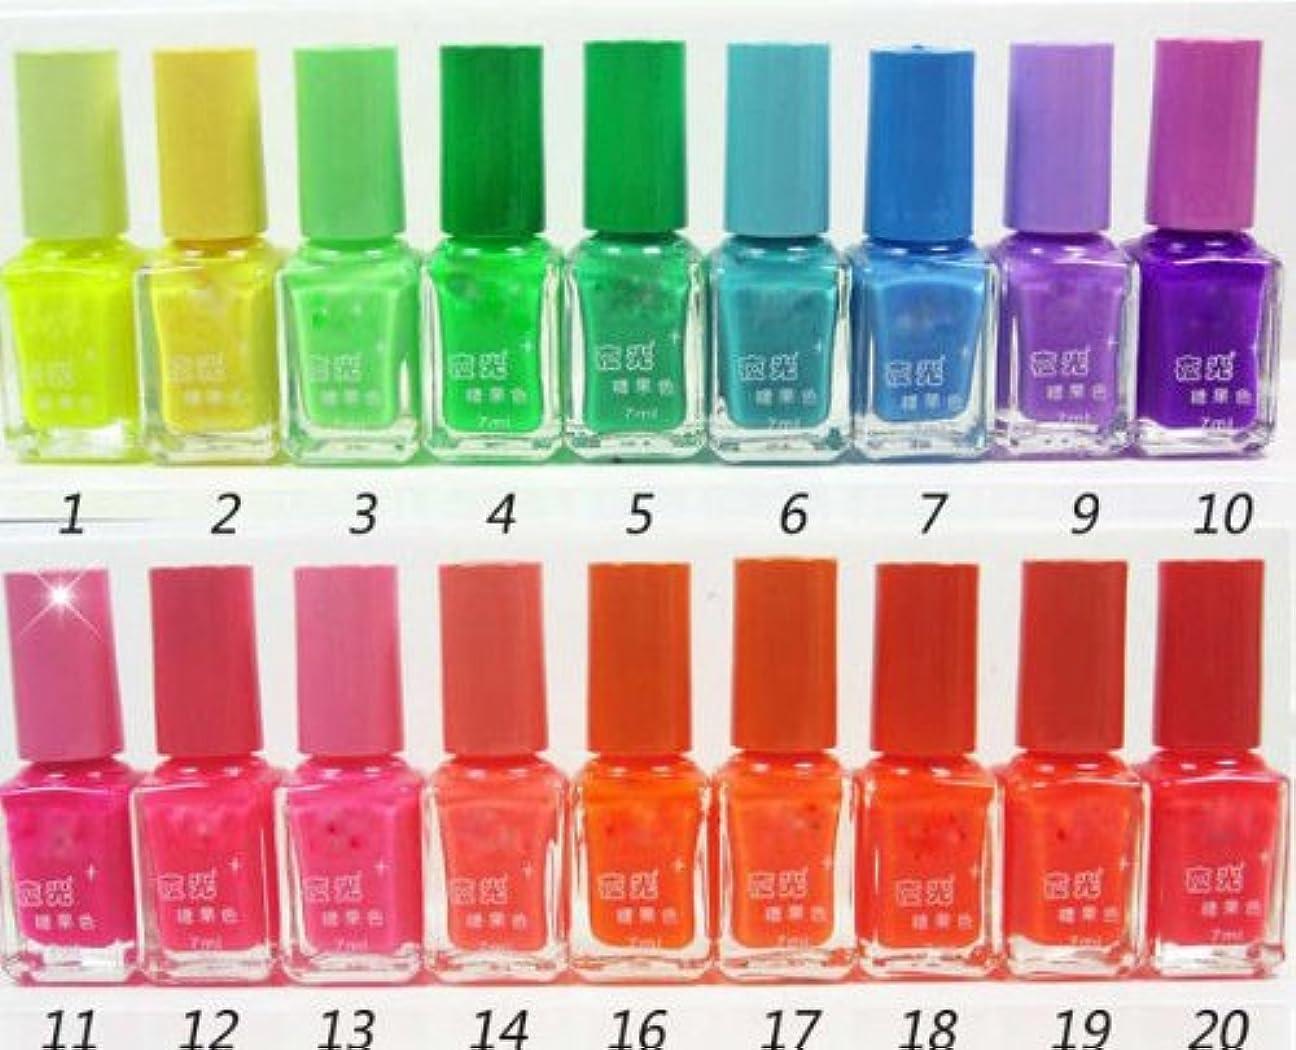 剥ぎ取る力ジェム1色1本のプロ7ミリリットル蛍光ネオンネイルアートポリッシュグローダークマニキュア液20色 (BK10)